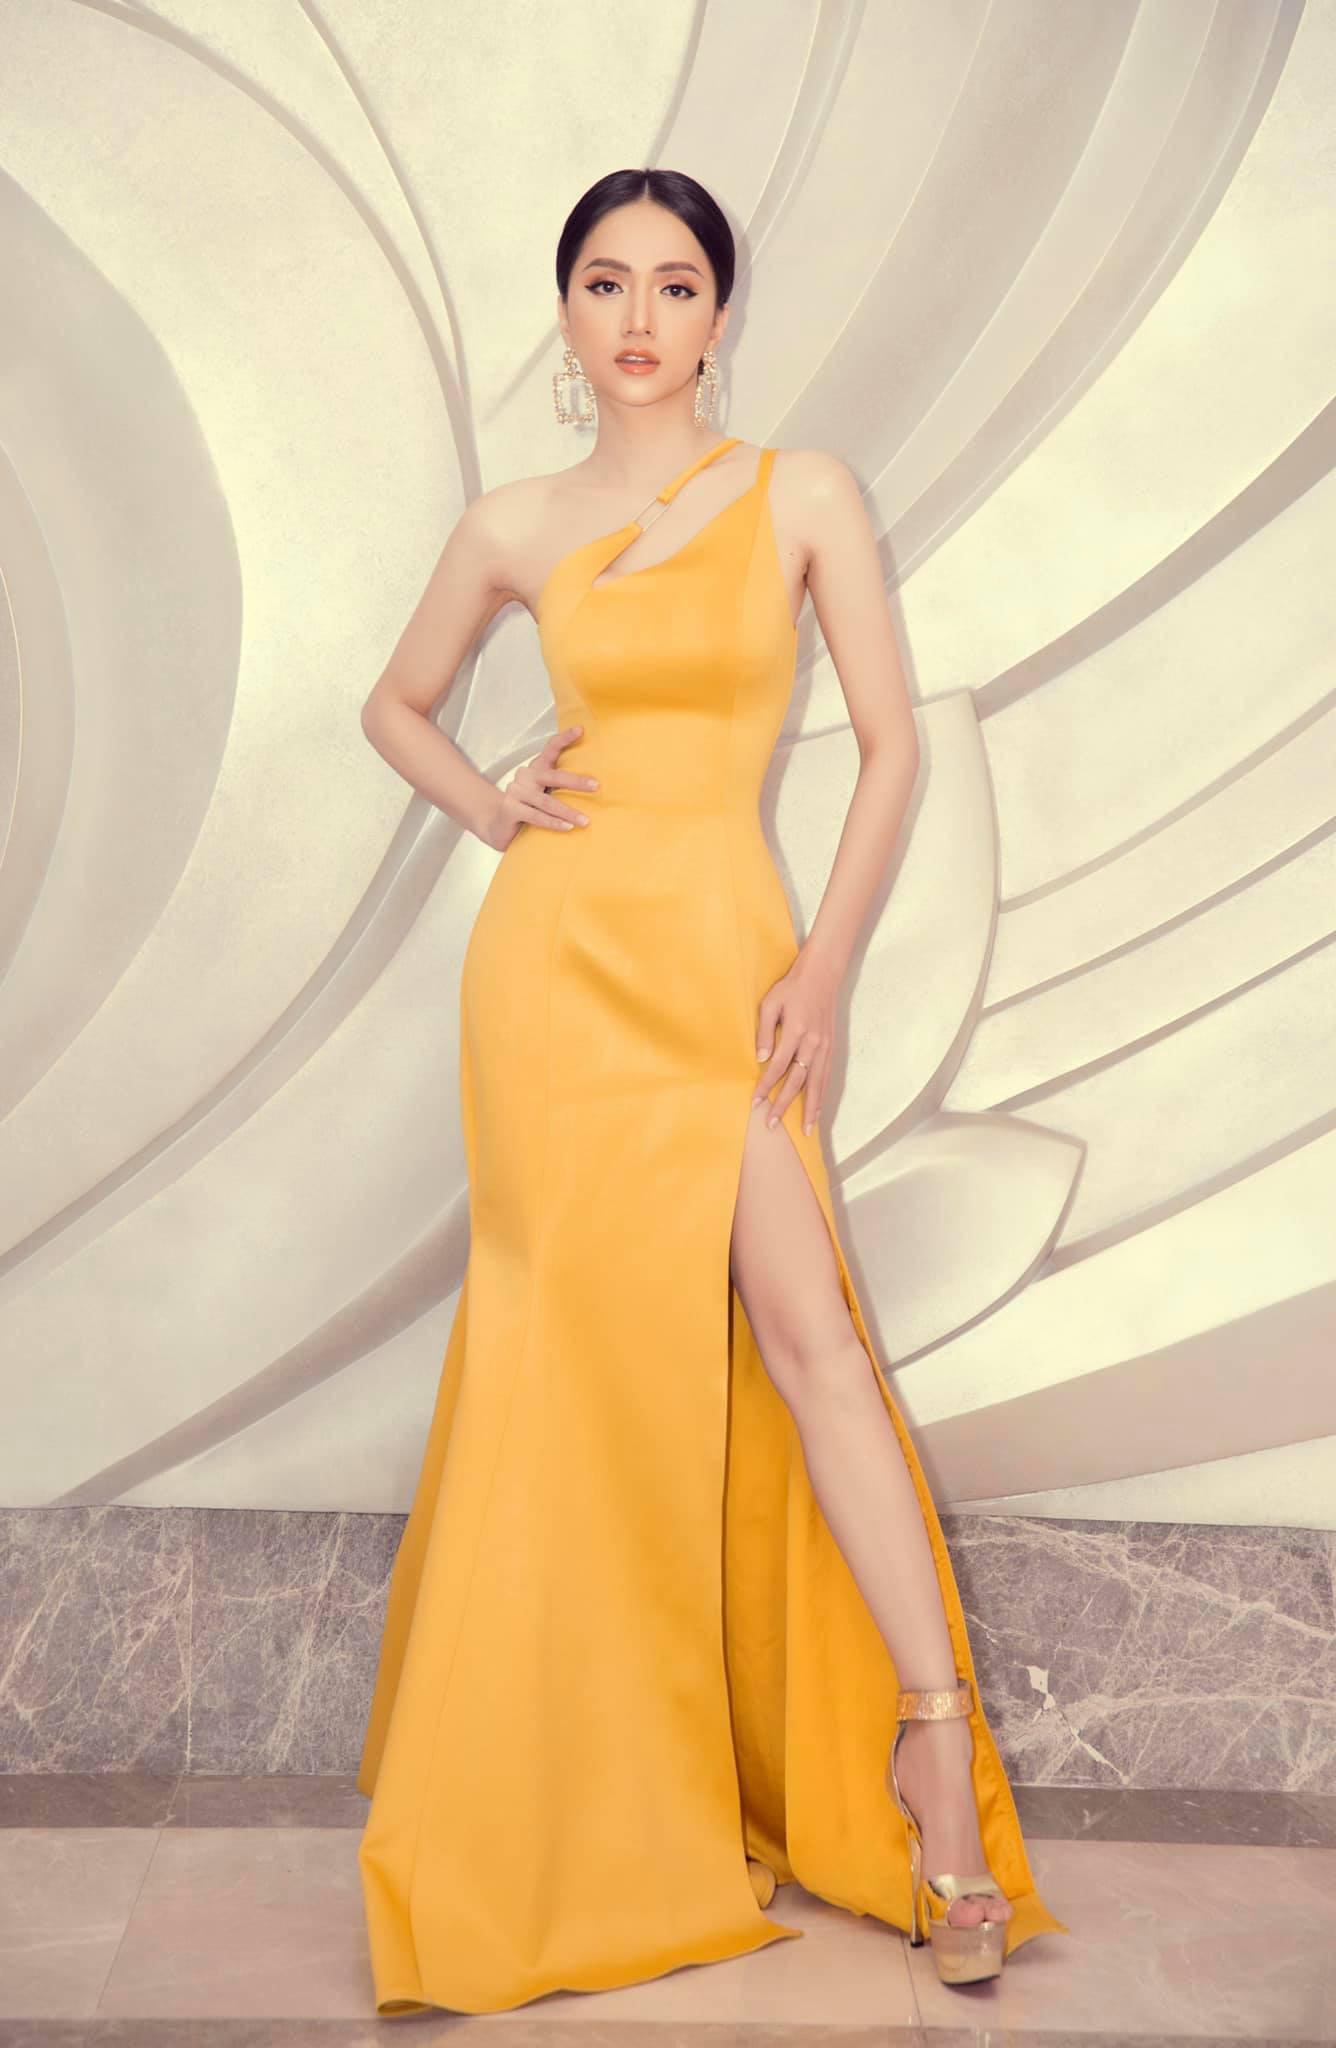 Những chiếc váy giúp Hoa hậu Hương Giang nâng tầm đẳng cấp  - Ảnh 16.